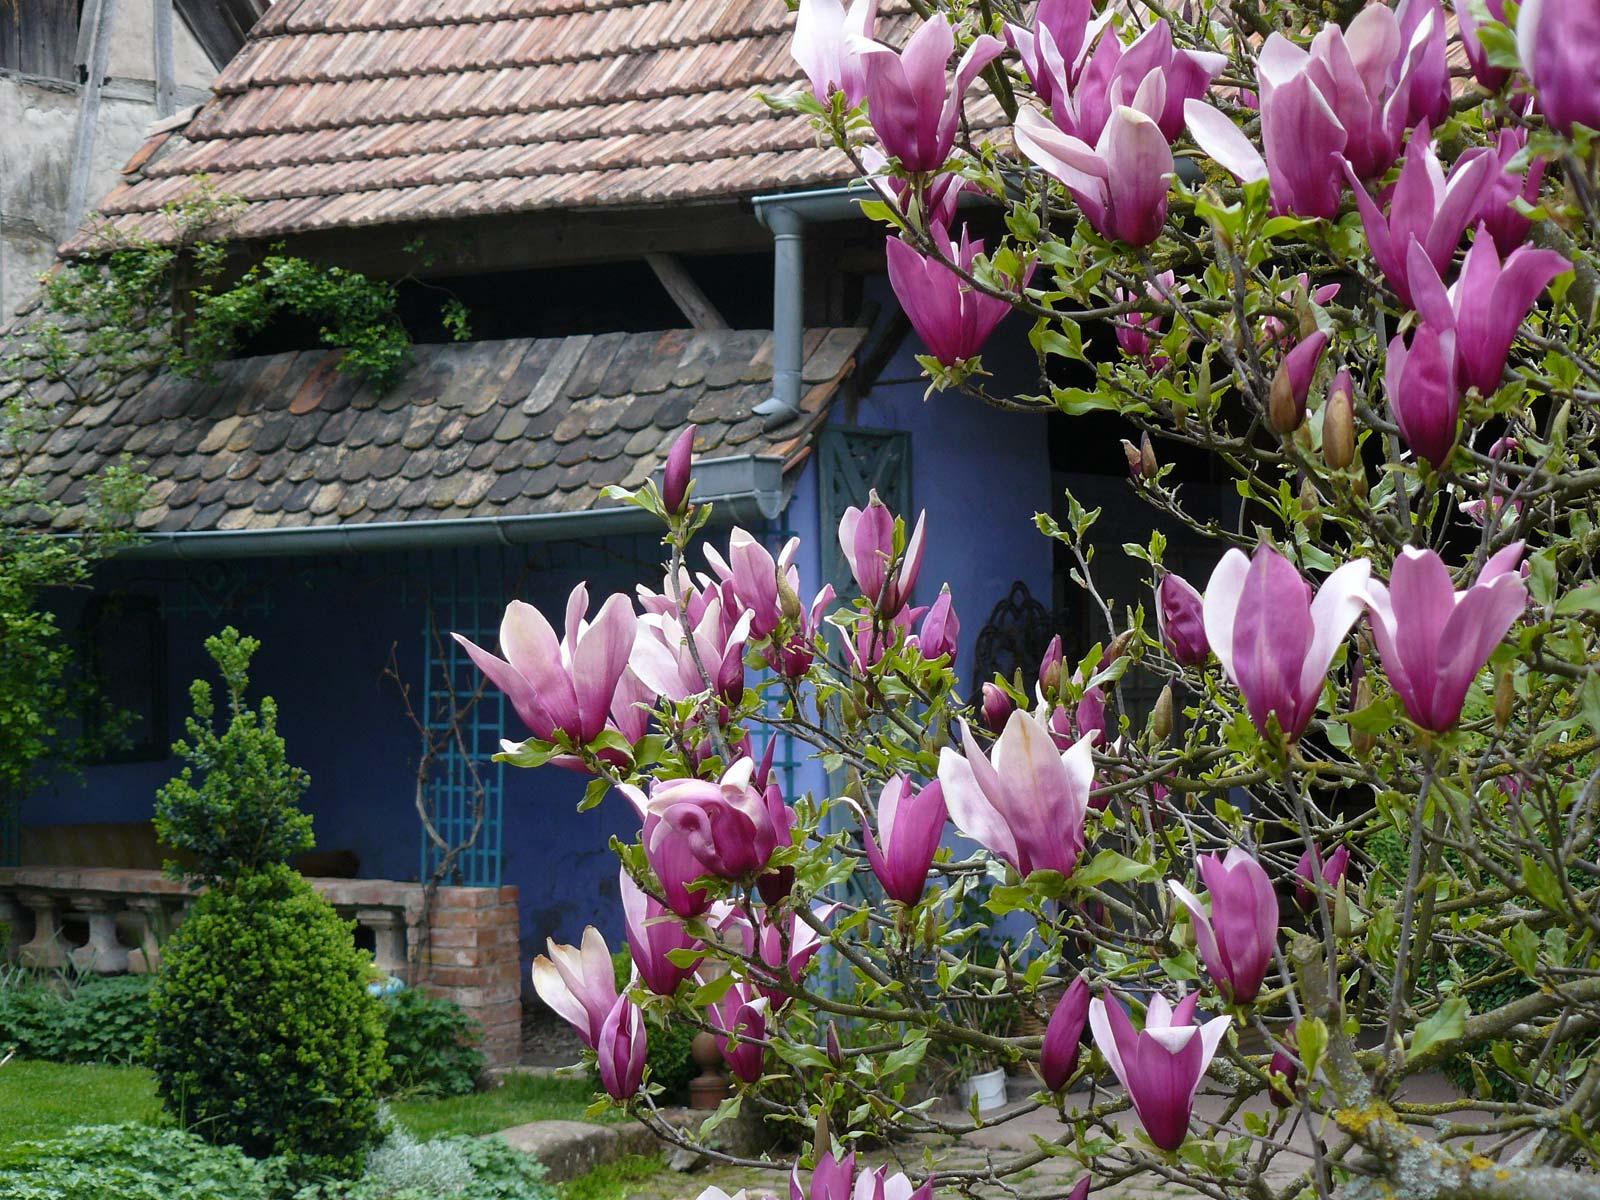 Parcs et jardins remarquables du bas rhin tourisme en for Au jardin de la nymphe bleue